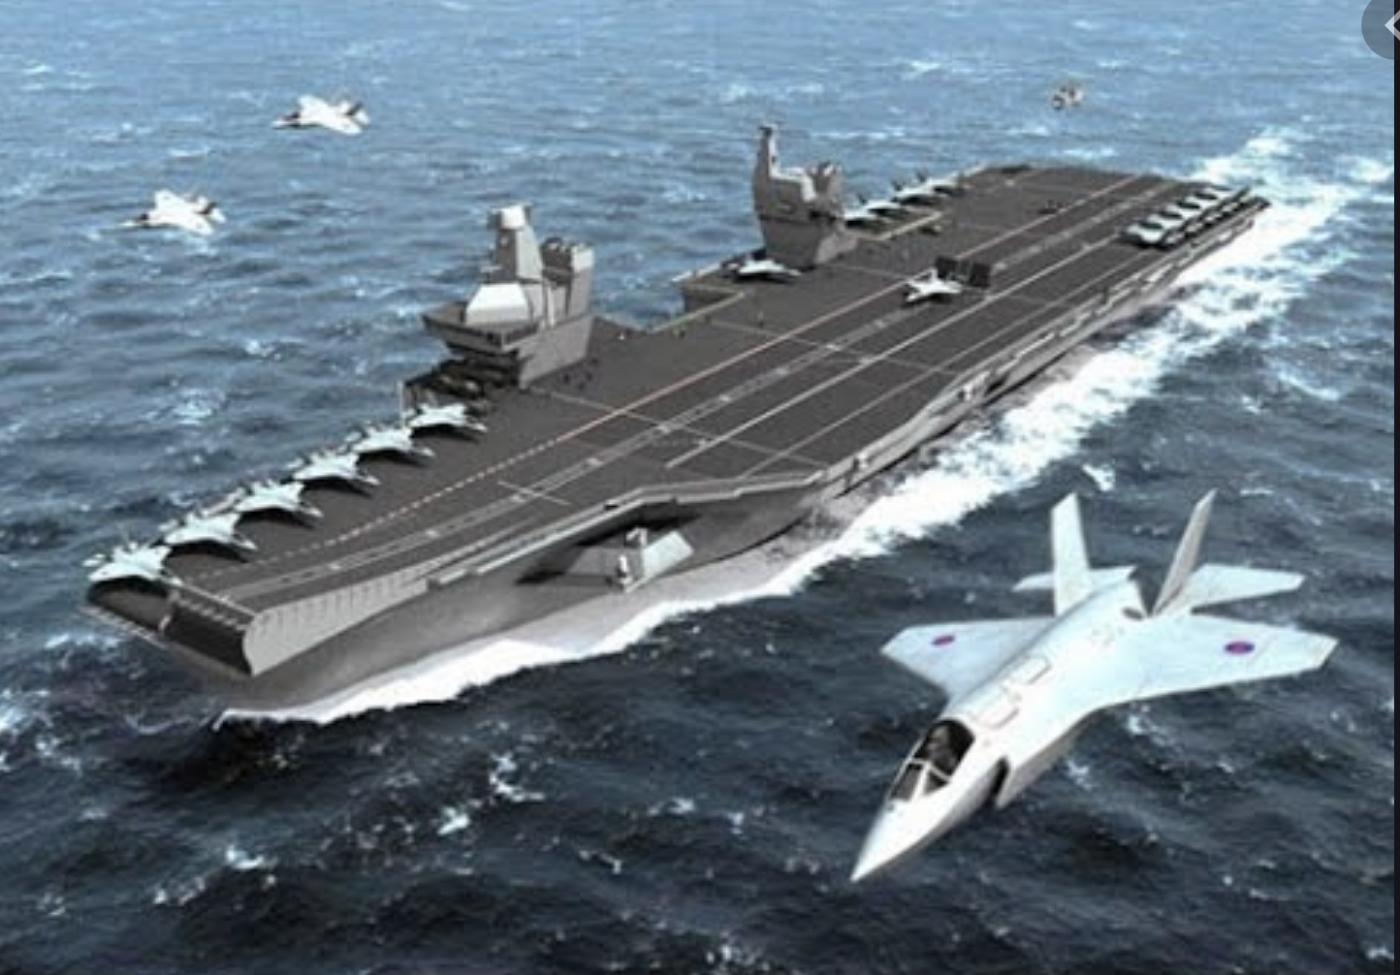 美国可能在南海挑起小规模军事冲突_图1-1